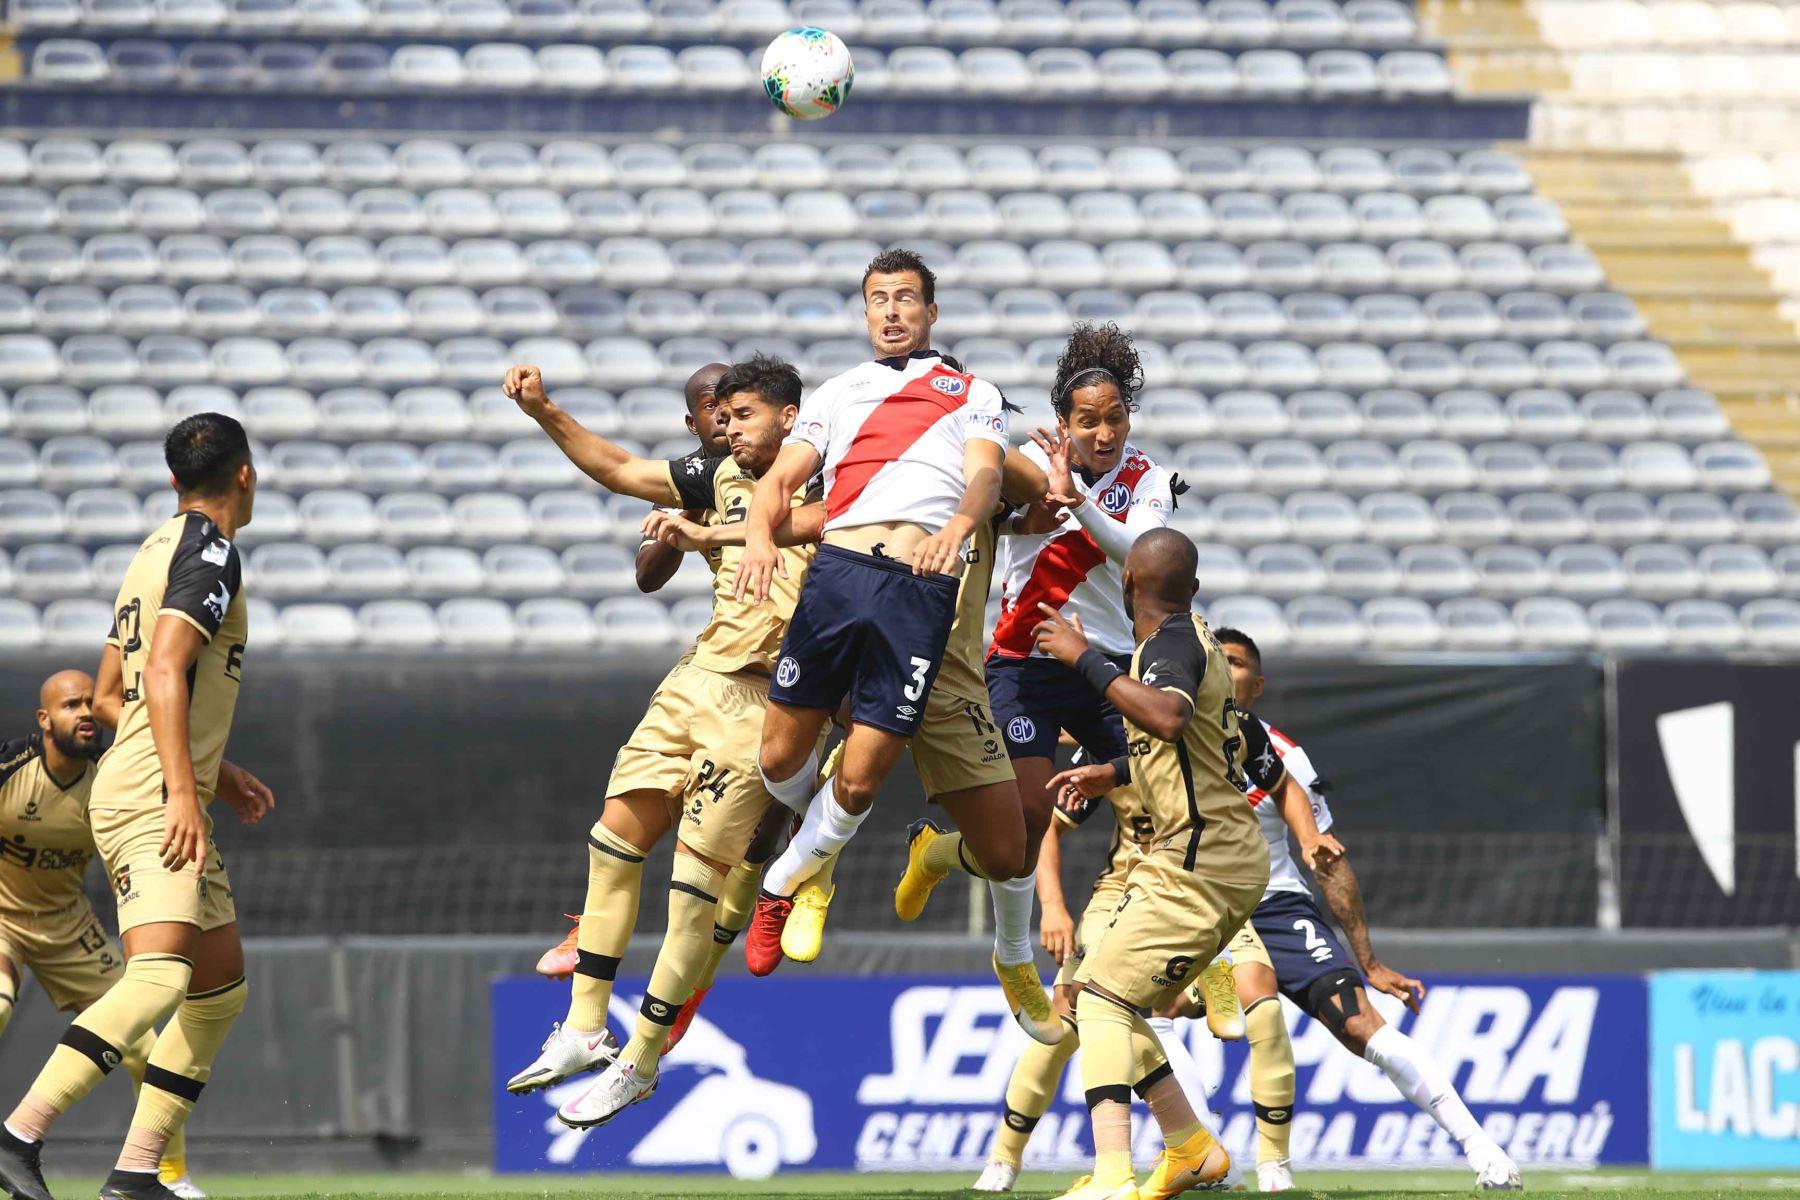 J. Caballero de D. Municipal  disputa  el balón ante el jugador de  F.C Cusco durante partido por la fecha 8 de la Liga 1, en el estadio Alejandro Villanueva. Foto: Liga 1